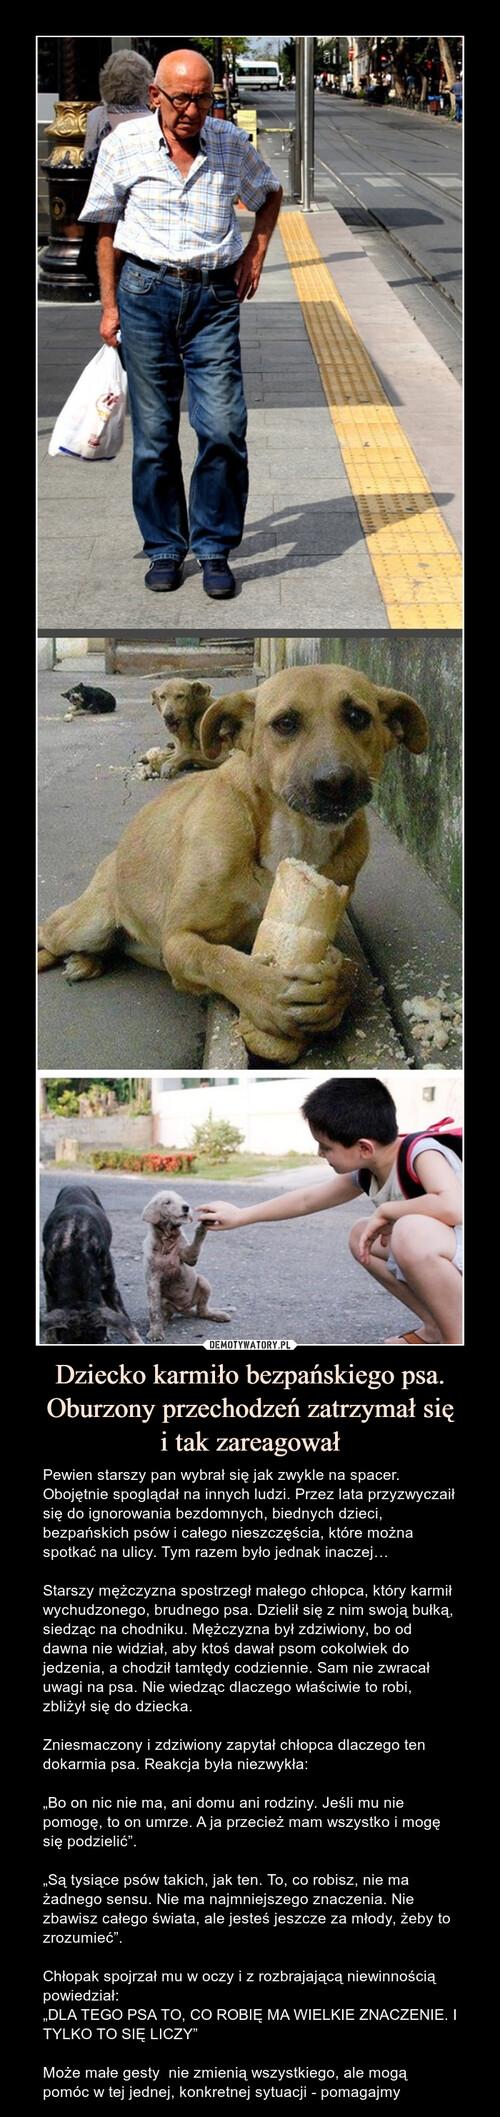 Dziecko karmiło bezpańskiego psa. Oburzony przechodzeń zatrzymał się i tak zareagował